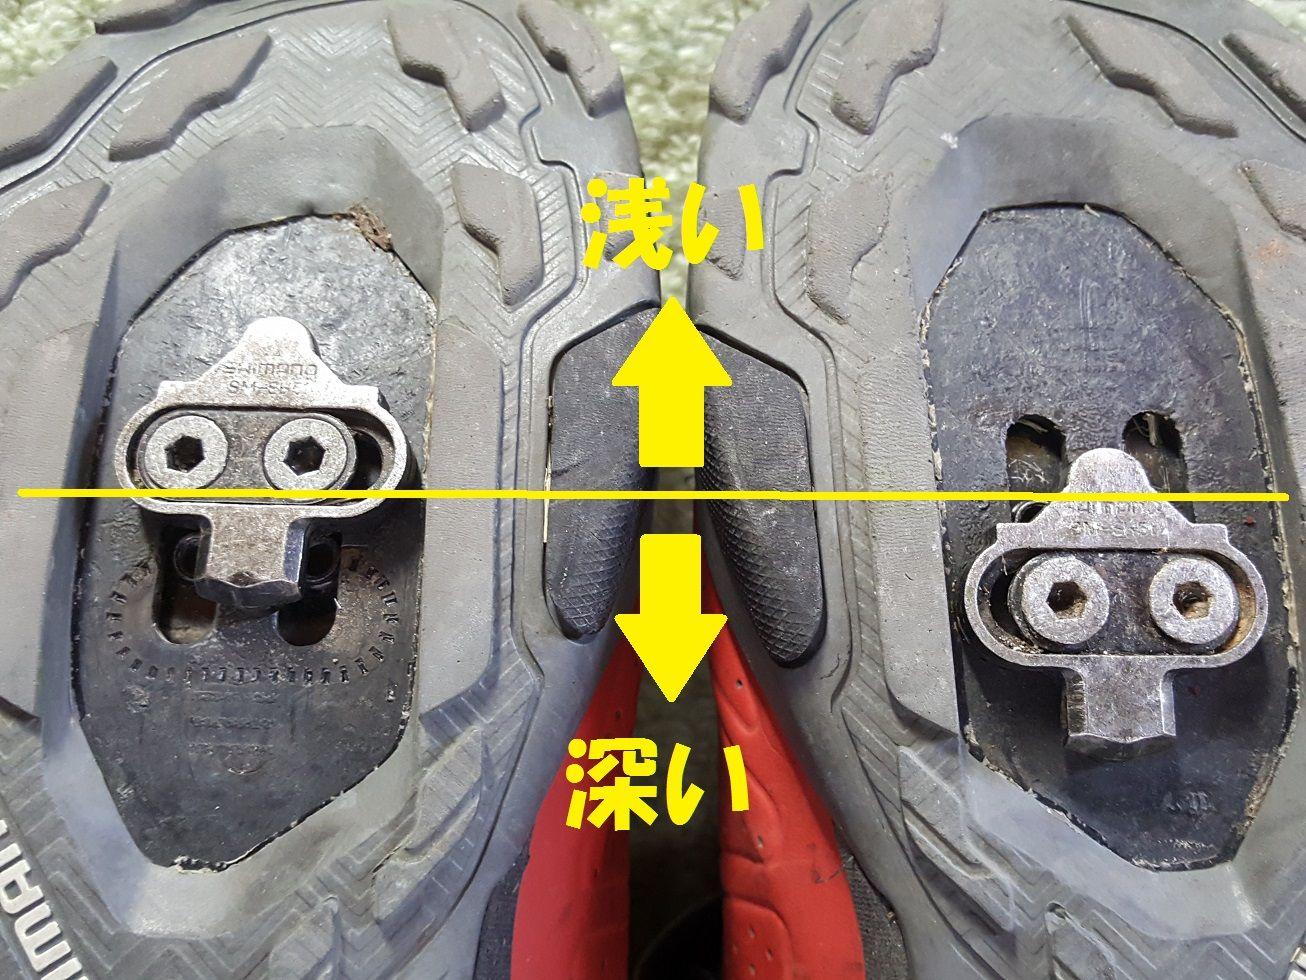 位置 ロード バイク クリート